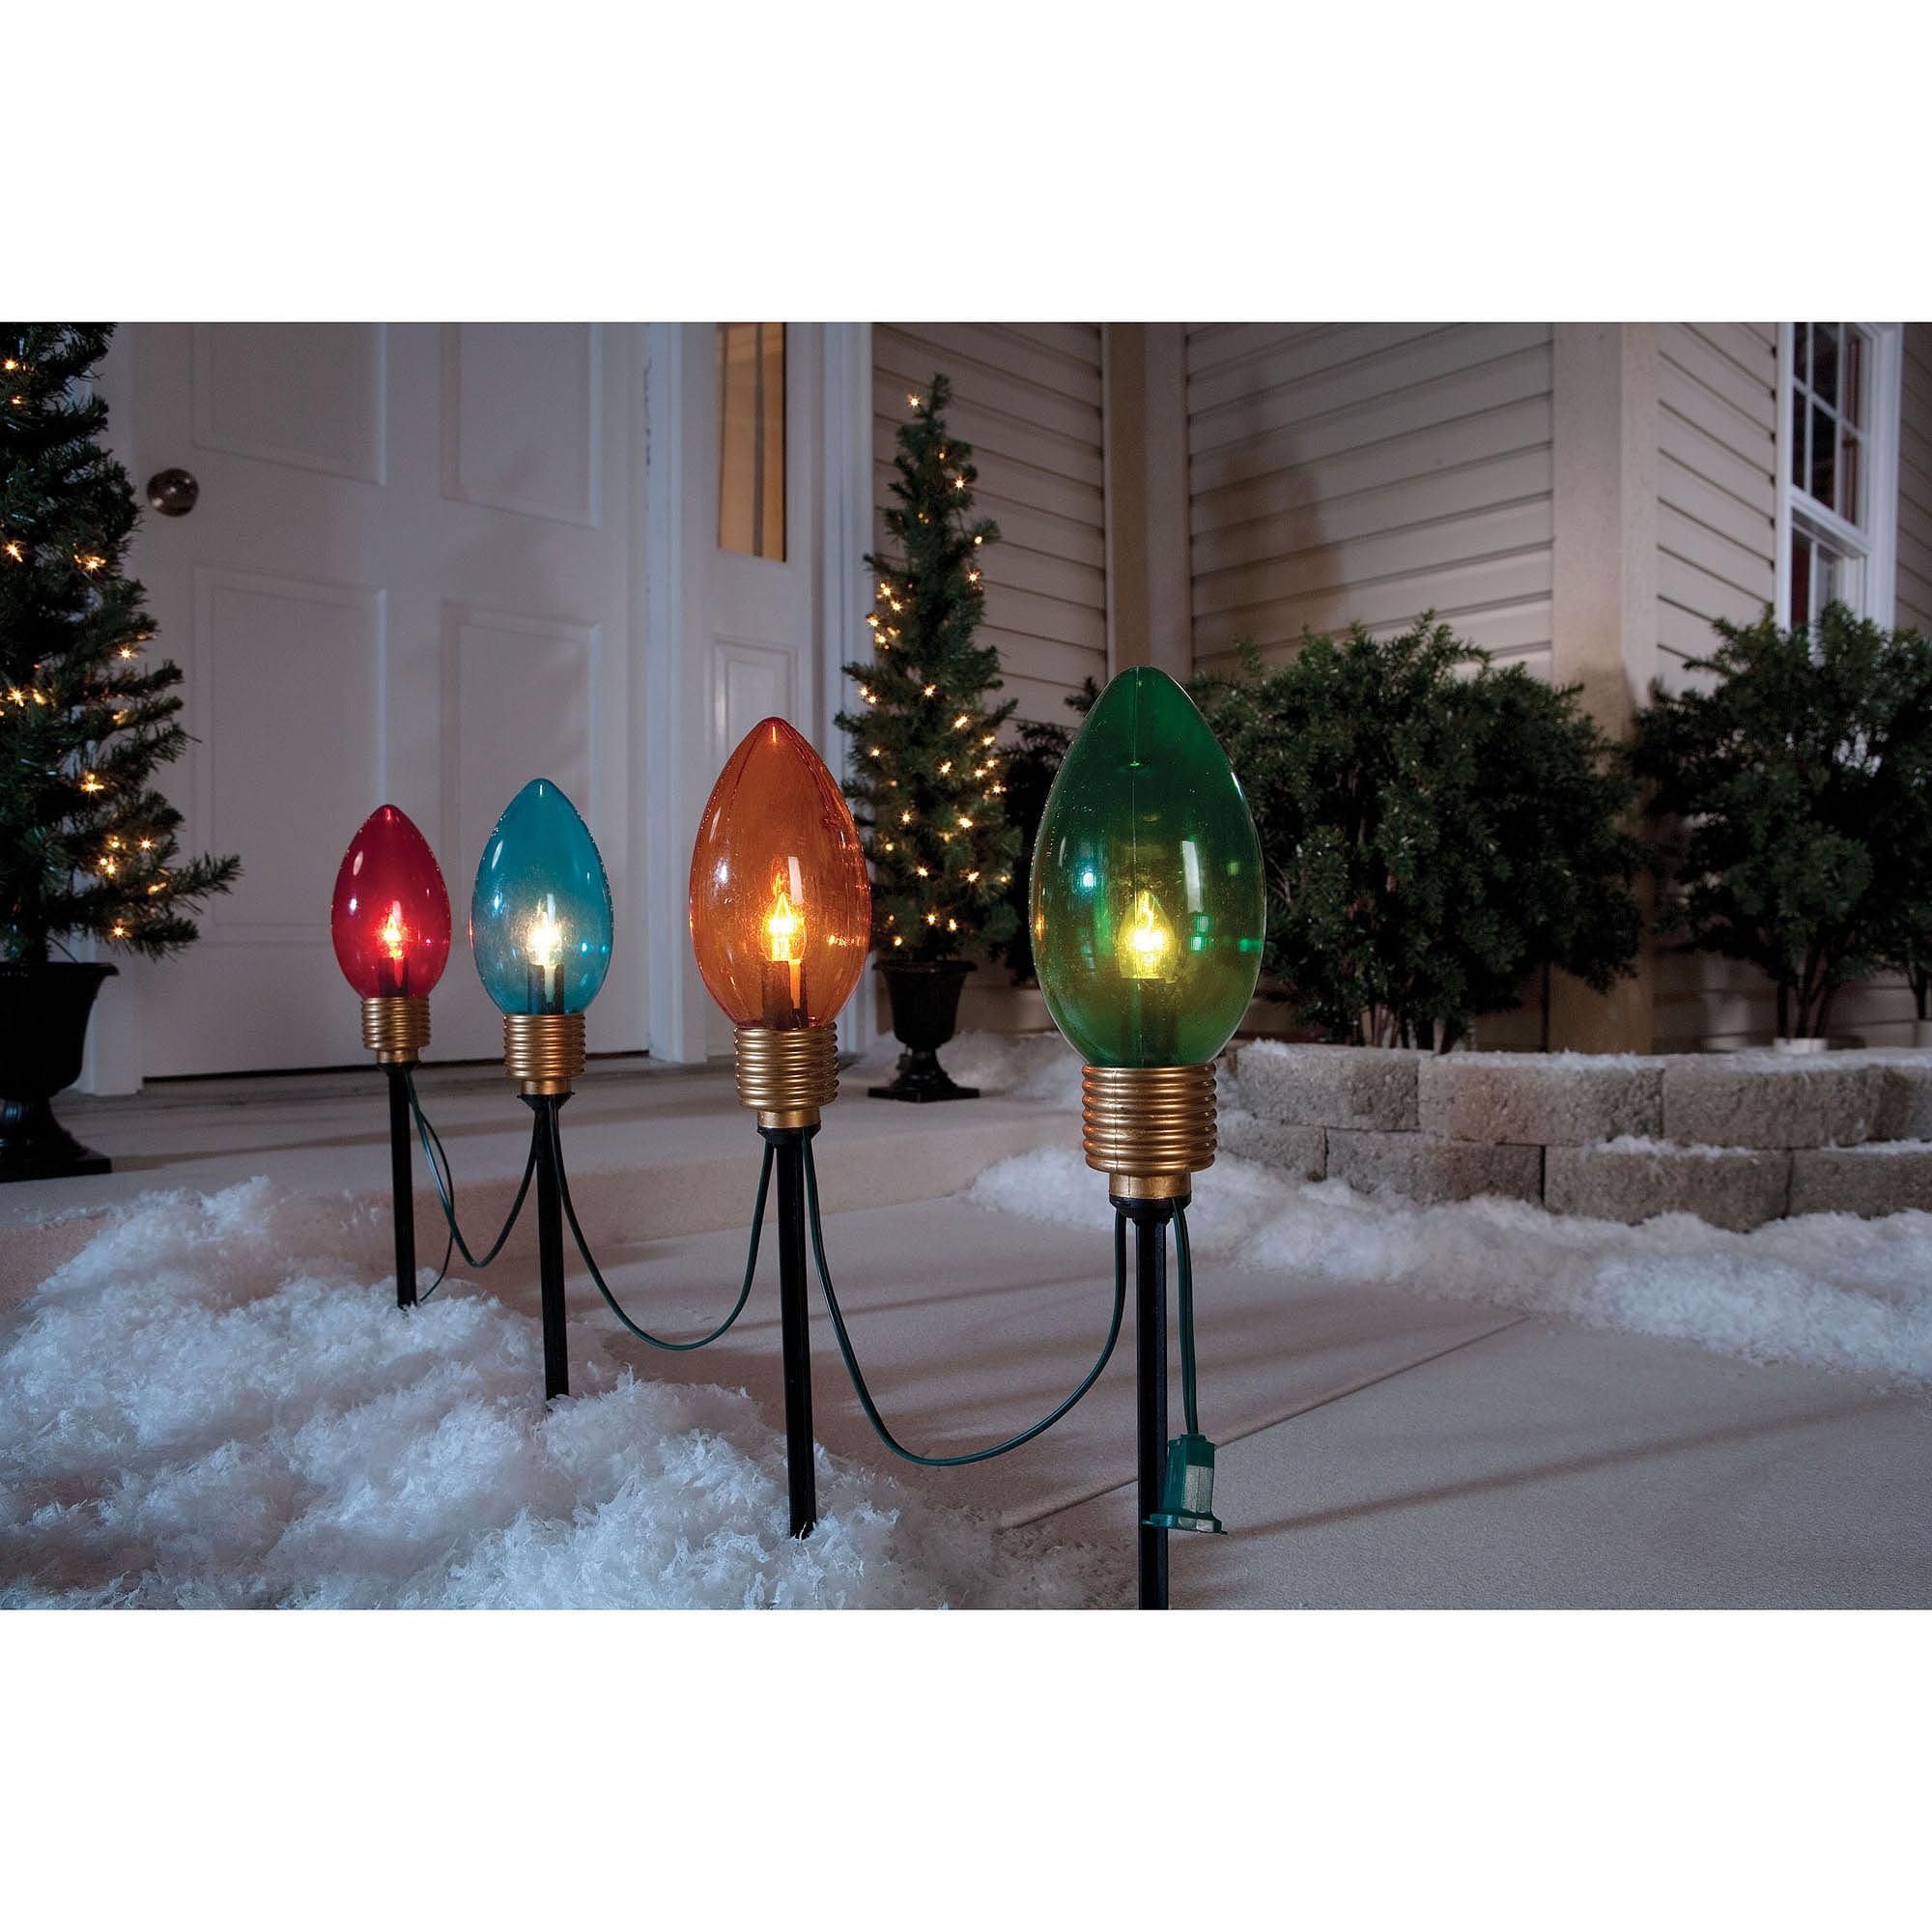 holiday time 8 pathway lights 4ct walmartcom - Led Christmas Pathway Lights